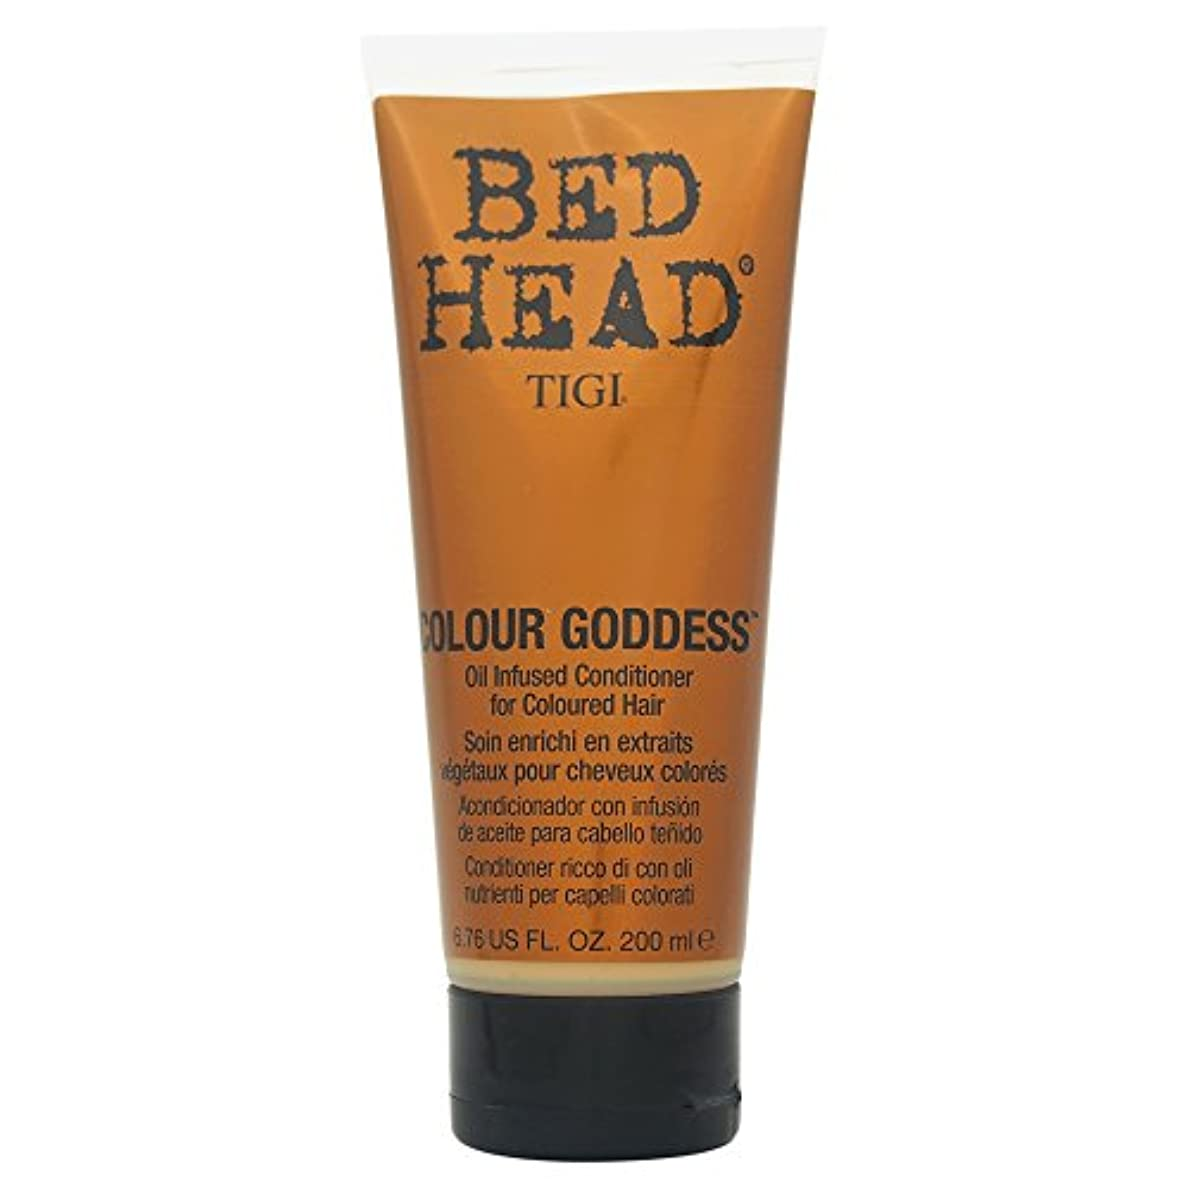 を通して経歴リラックスしたTigi Bed Head Colour Goddess Oil Infused Conditioner 200ml [並行輸入品]